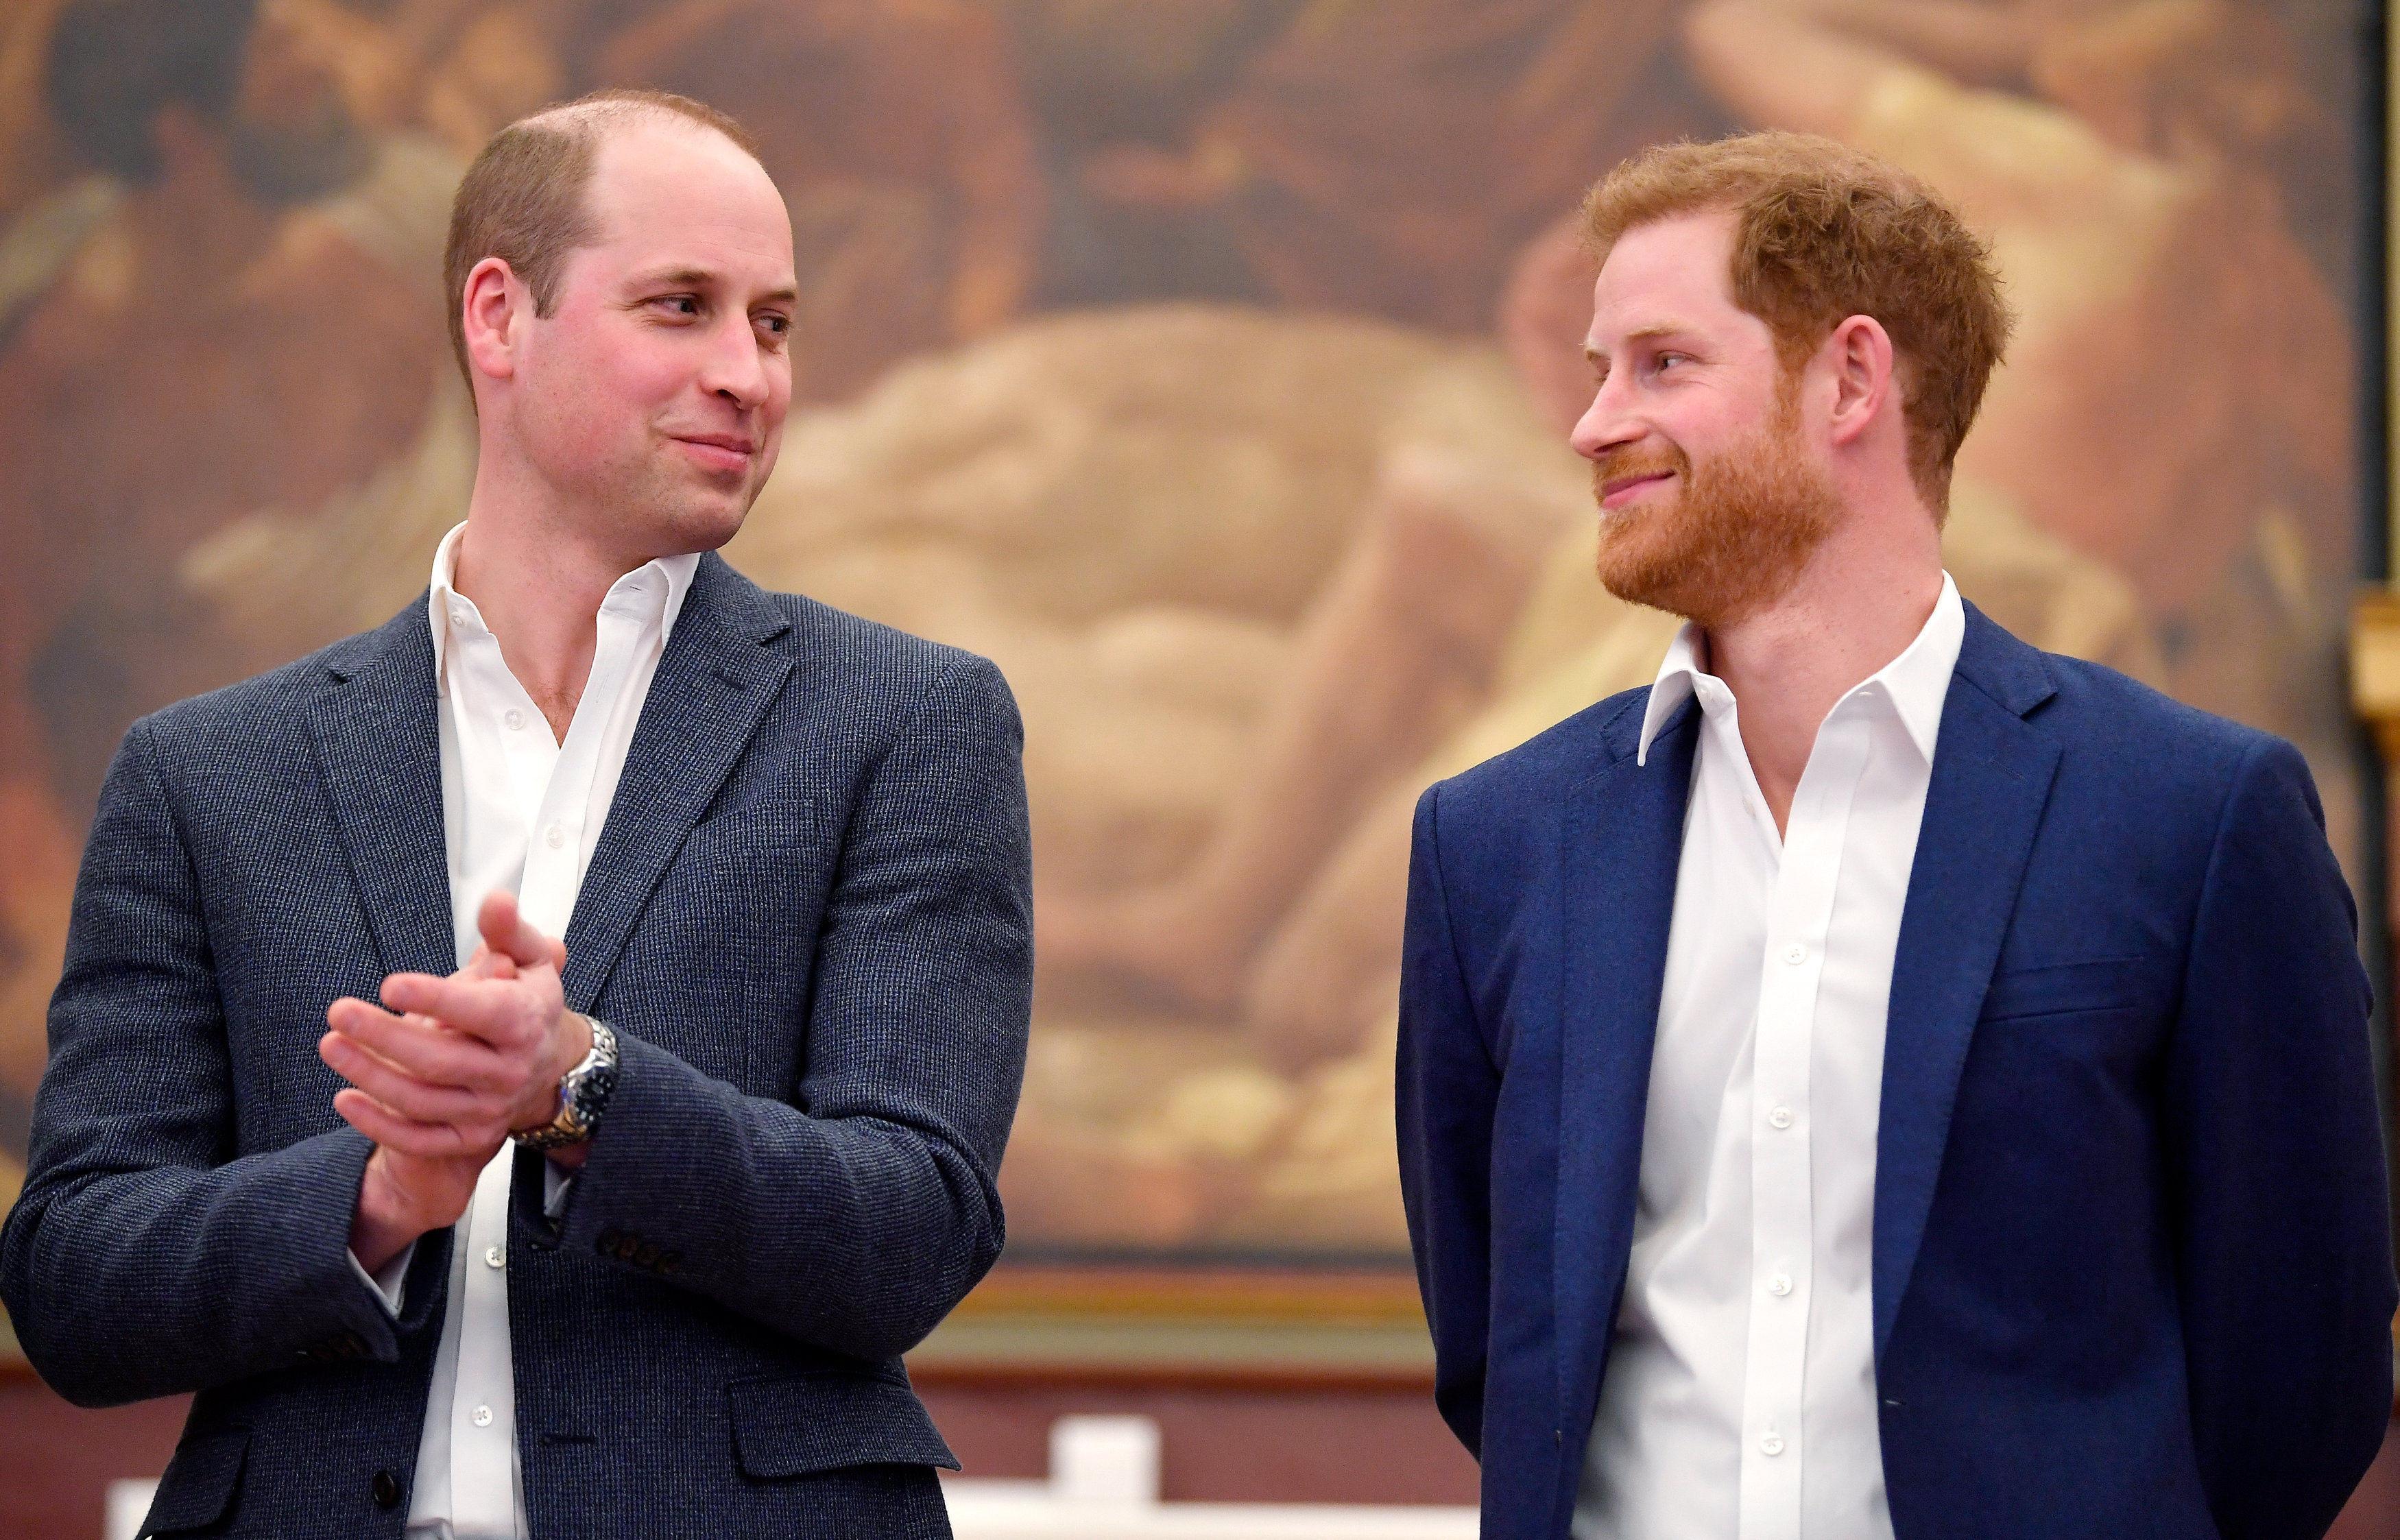 Официально: принцы Гарри и Уильям прокомментировали новости насчет своей вражды